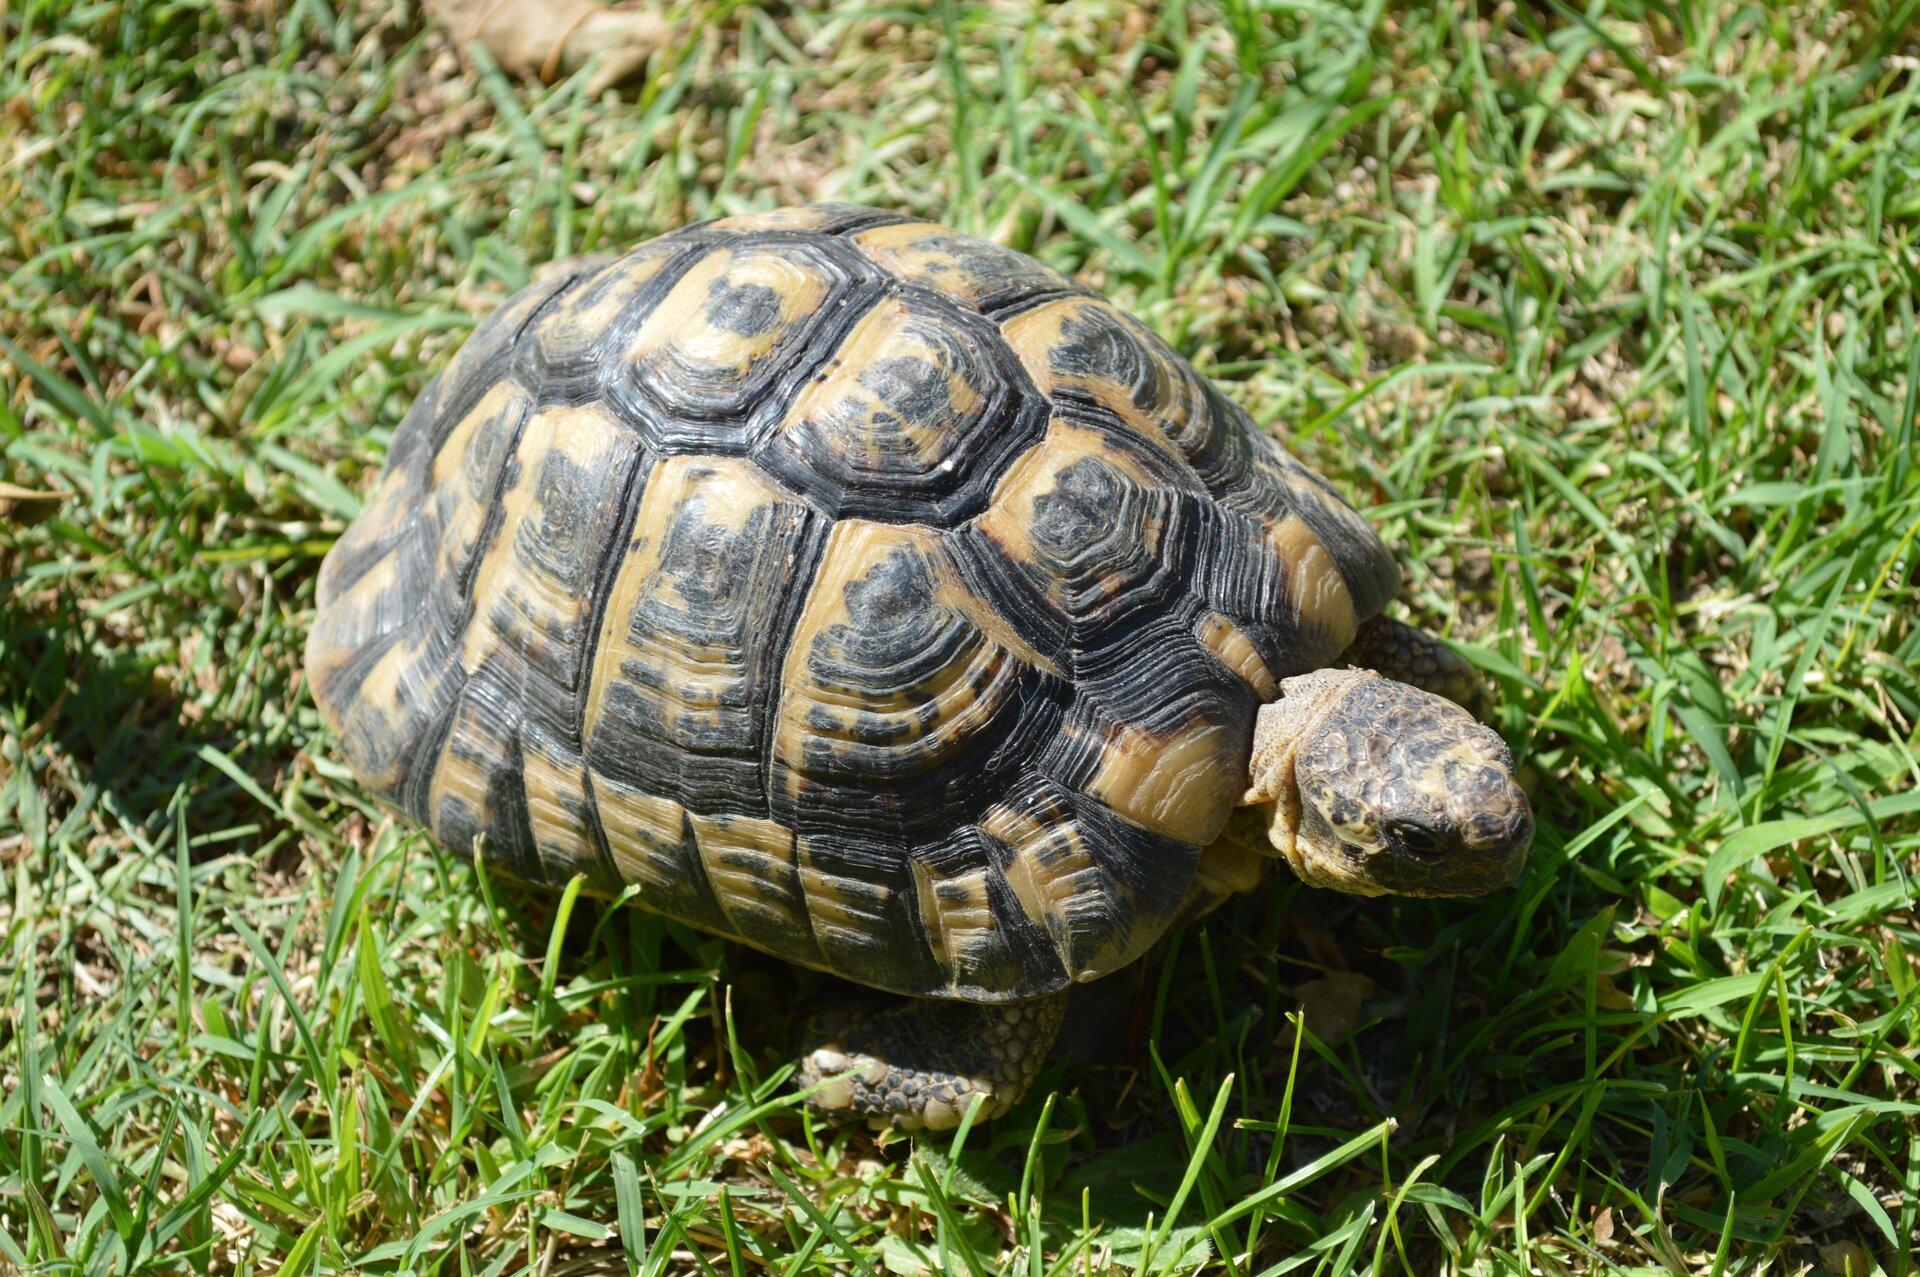 Fotografia wykonana zgóry prezentuje żółwia greckiego. Ciało żółwia okrywa oliwkowo brązowa skorupa pokryta regularnymi tarczkami. Na środku każdej tarczki widnieje czarna plama. Spod skorupy wystaje niewielka głowa.